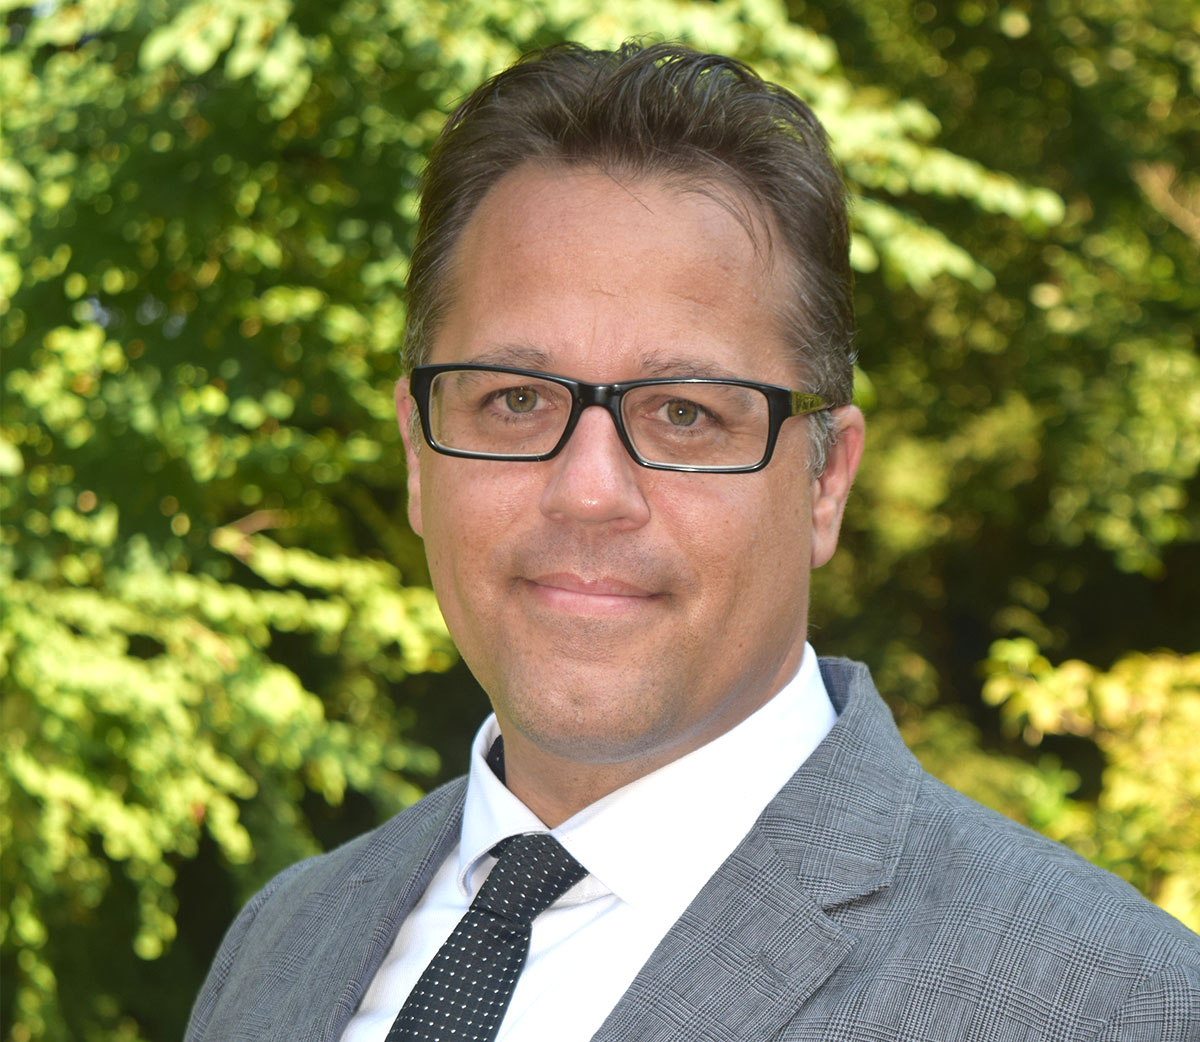 Andrew Martino